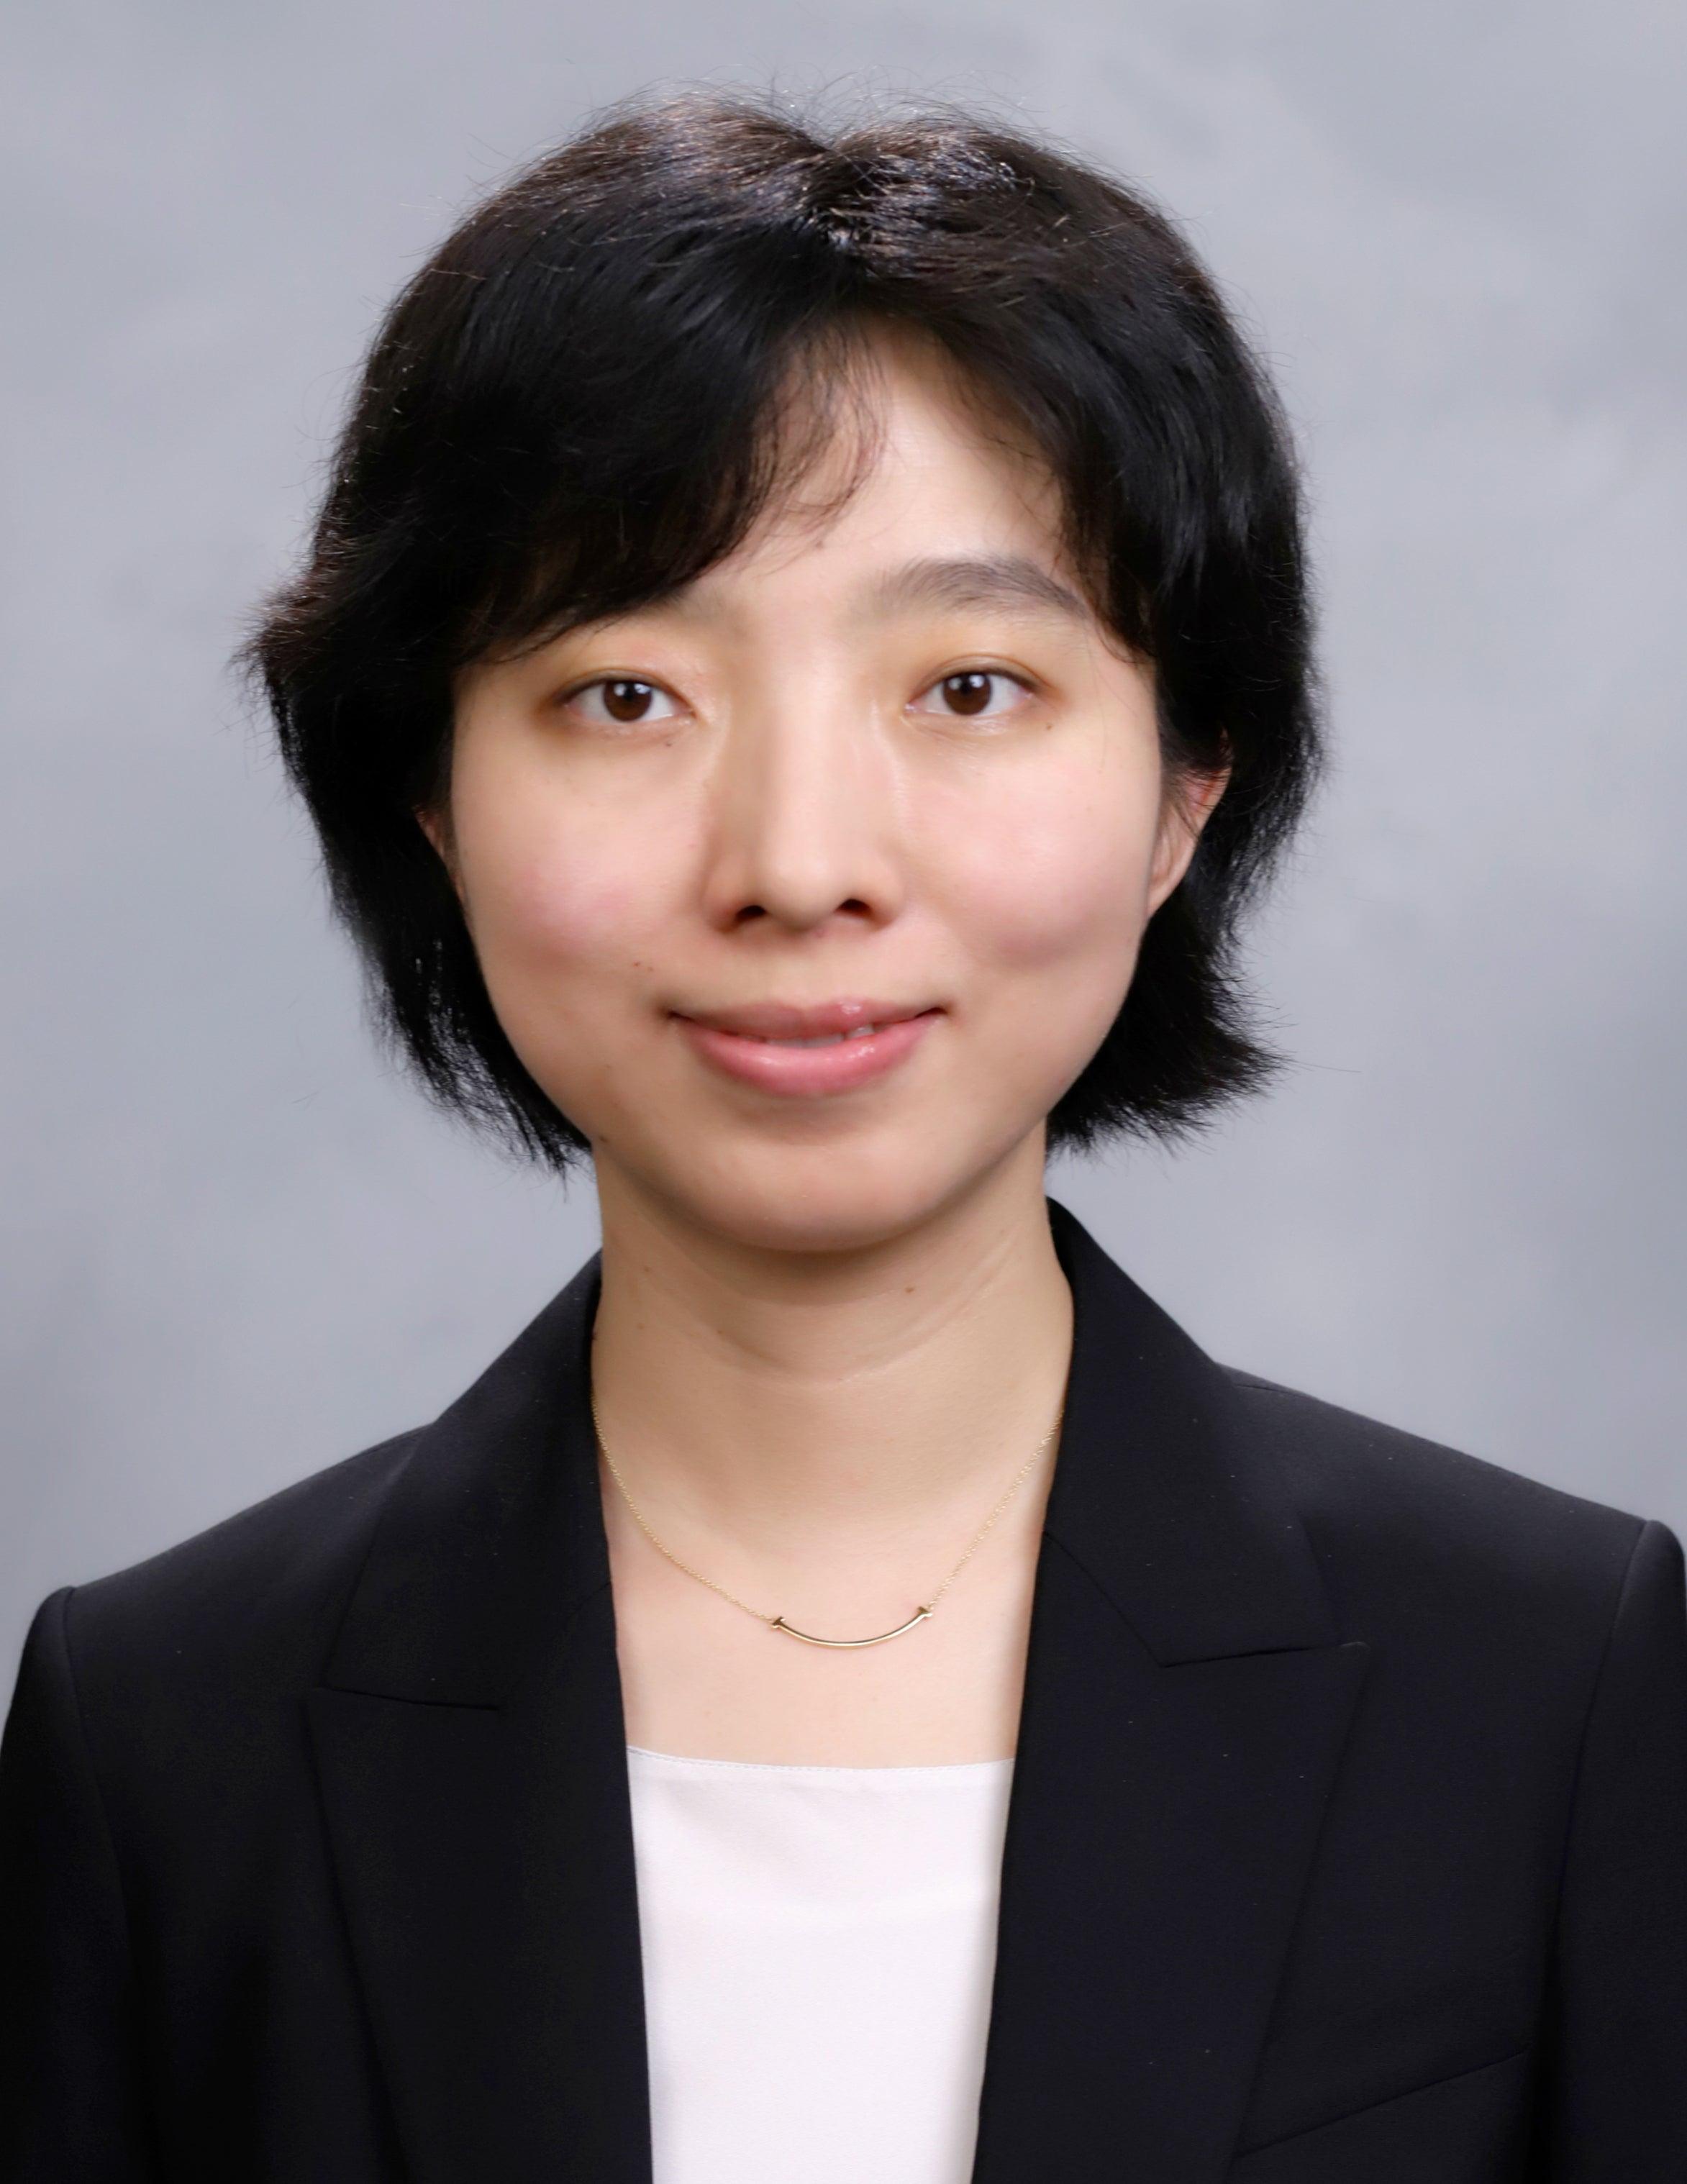 Xinyu Cao